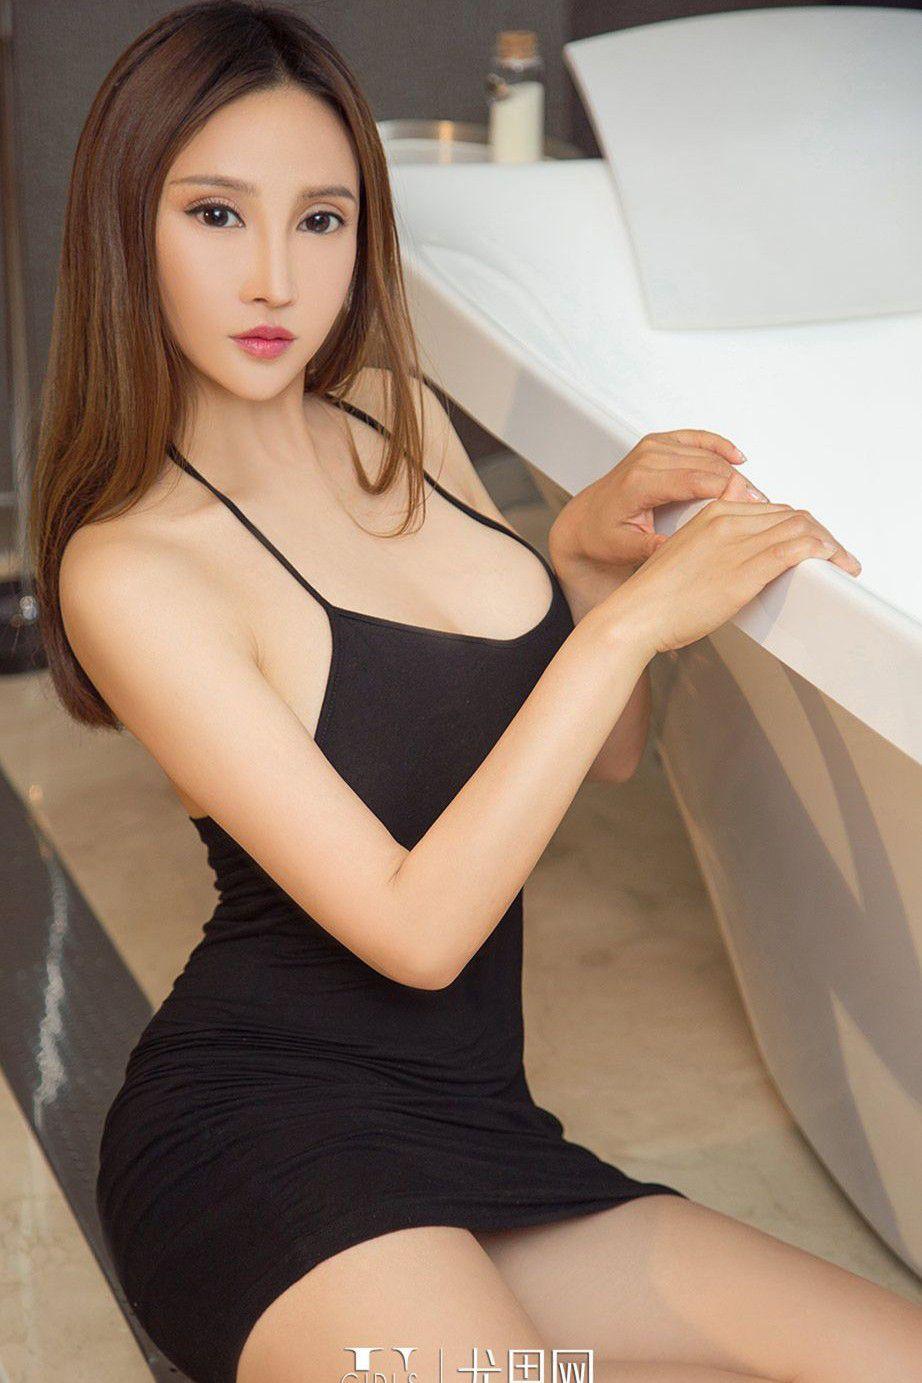 Ning big boob asian